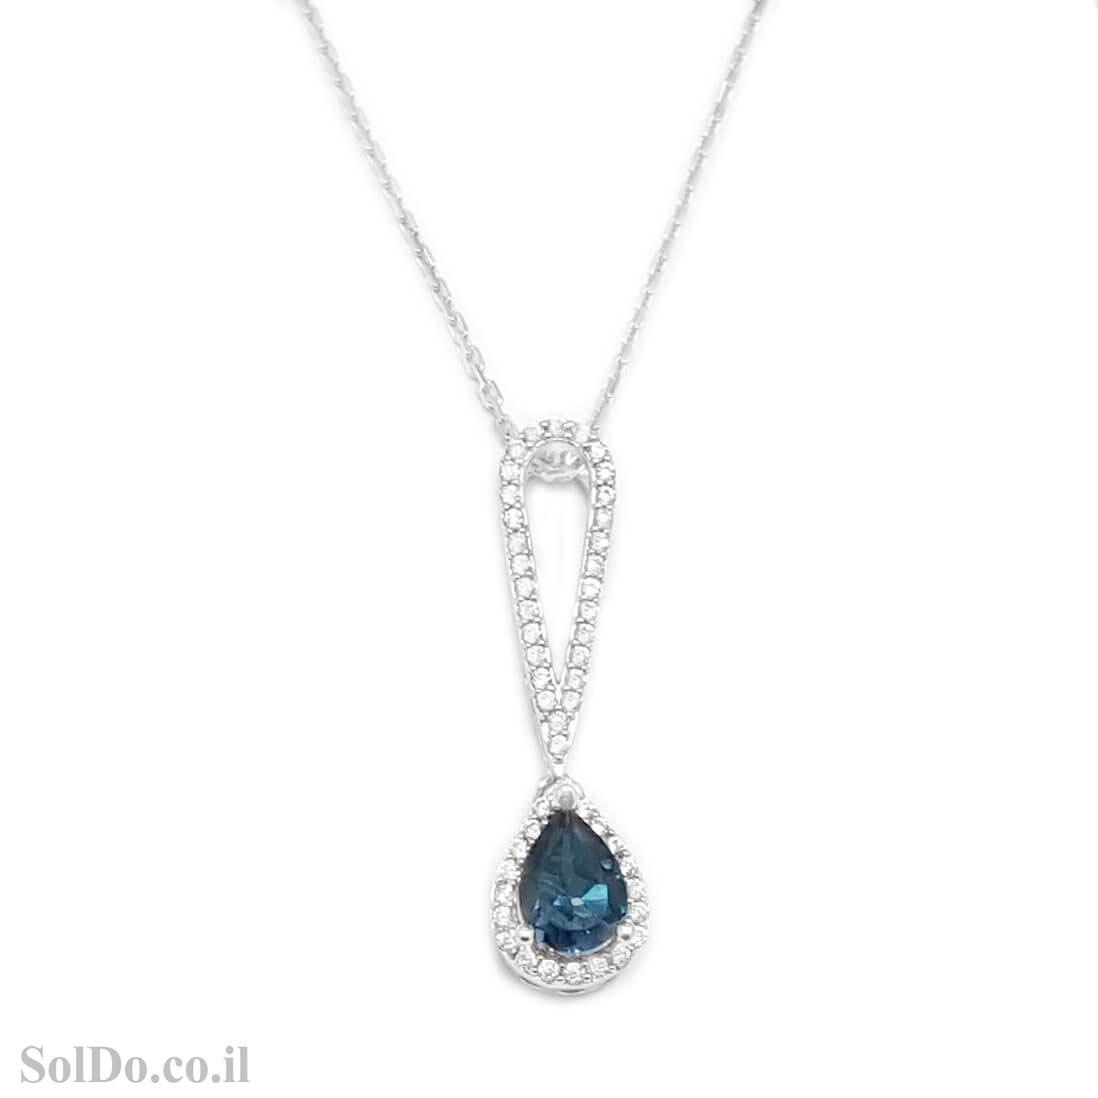 תליון כסף משובץ אבן טופז כחולה ואבני זרקון T6240 | תכשיטי כסף